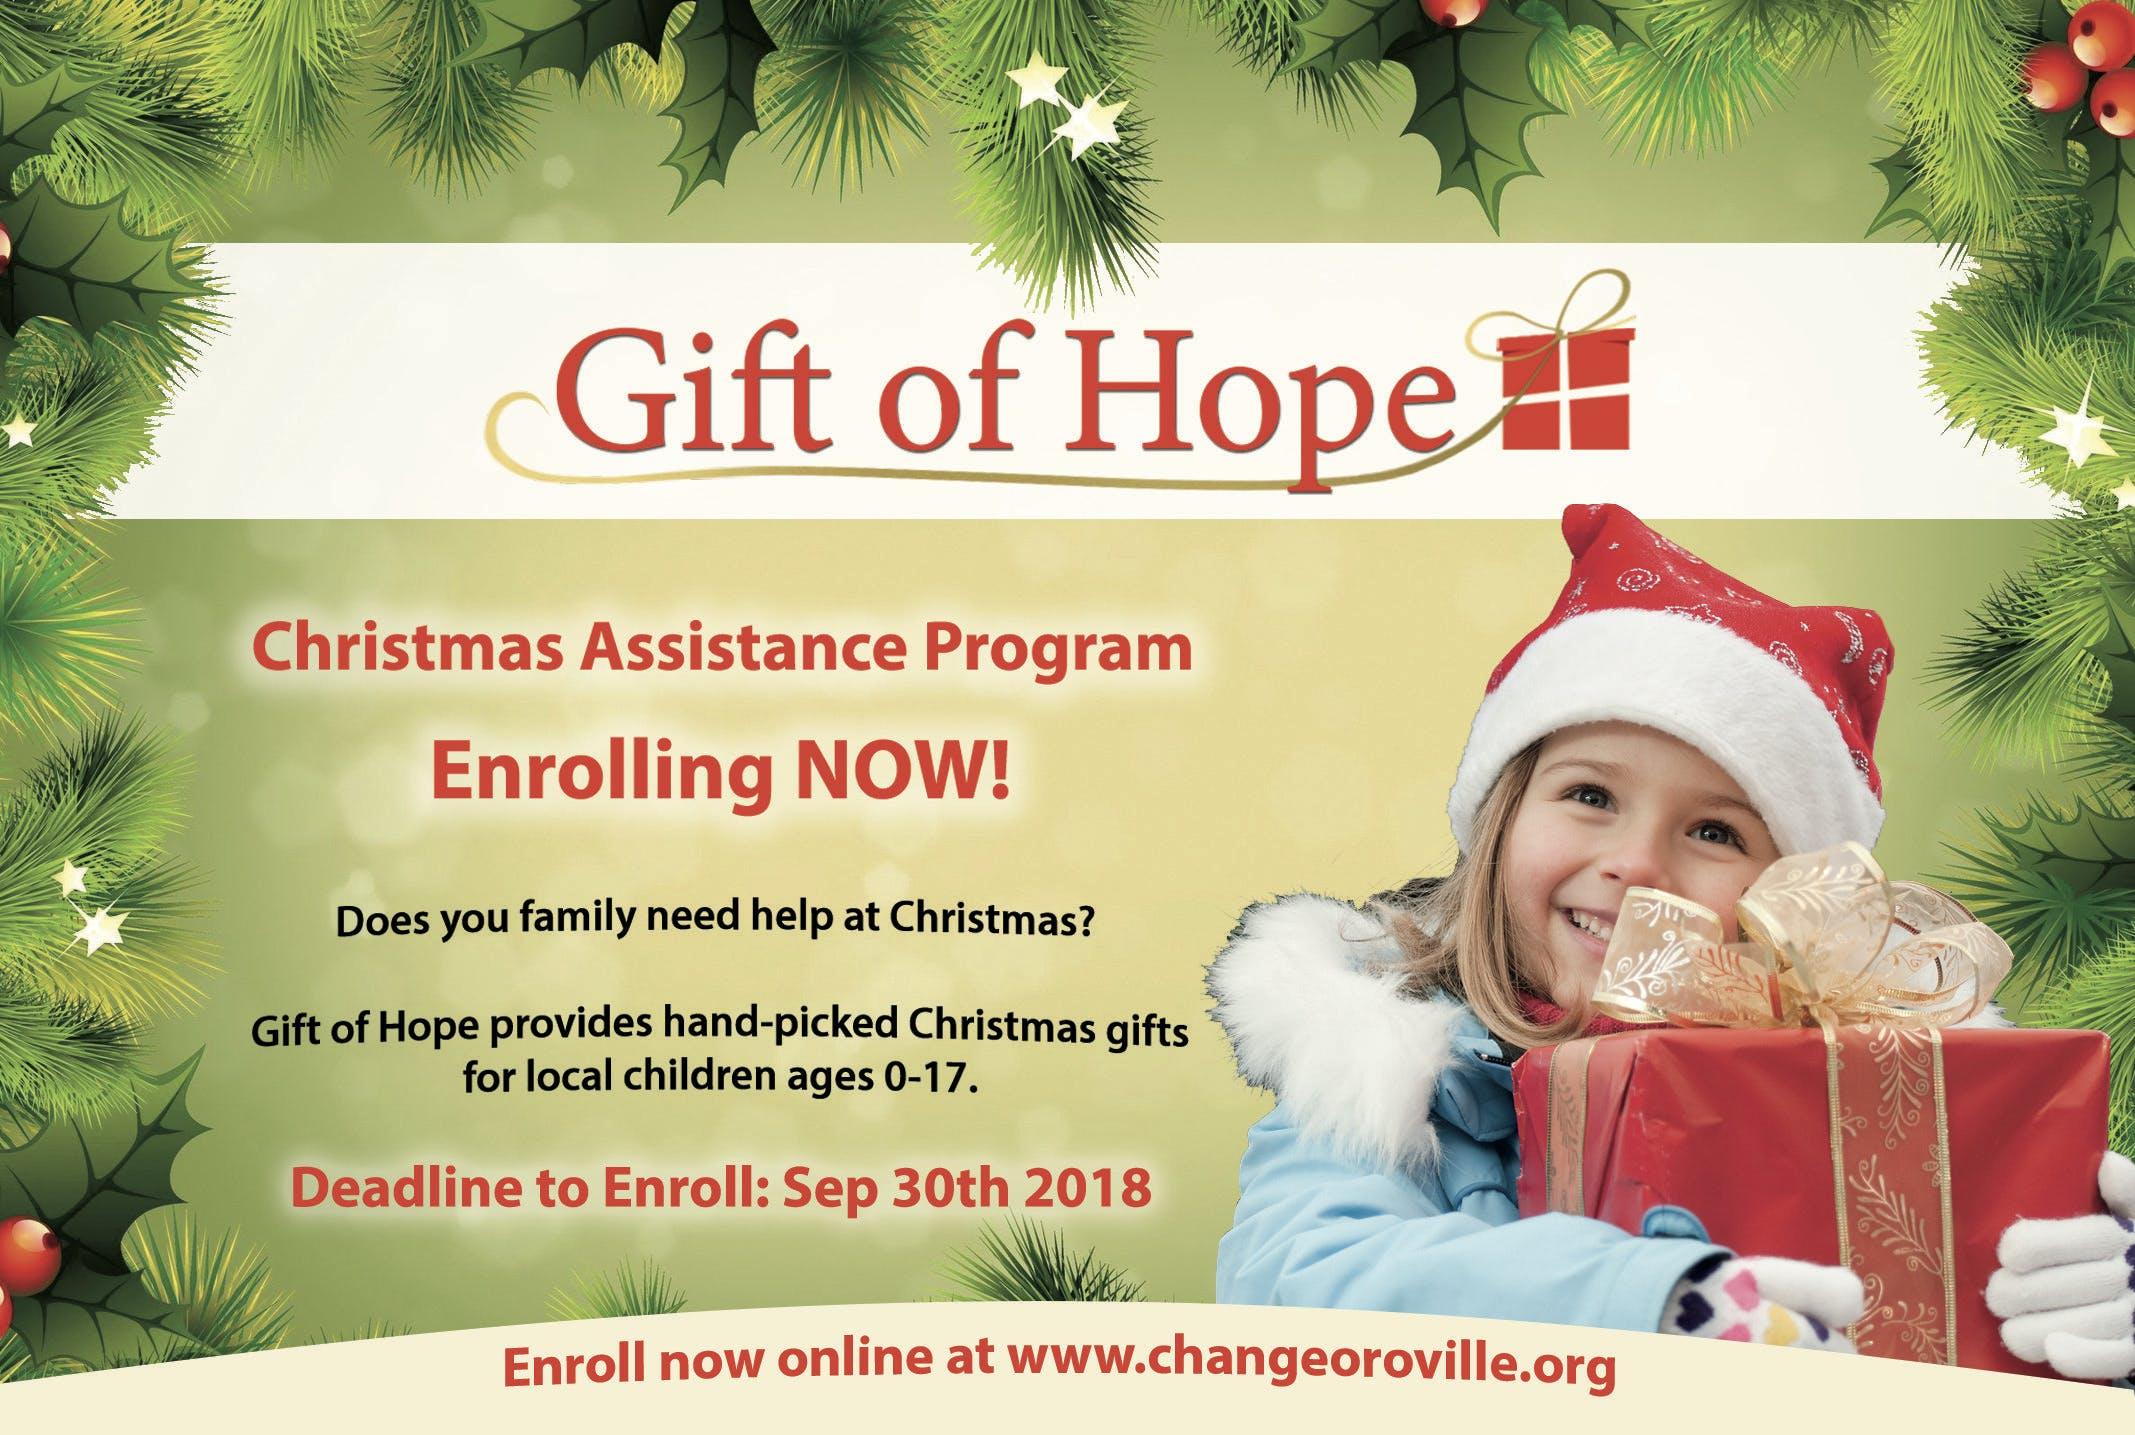 Gift of Hope 2018 Enrollment - 7 AUG 2018